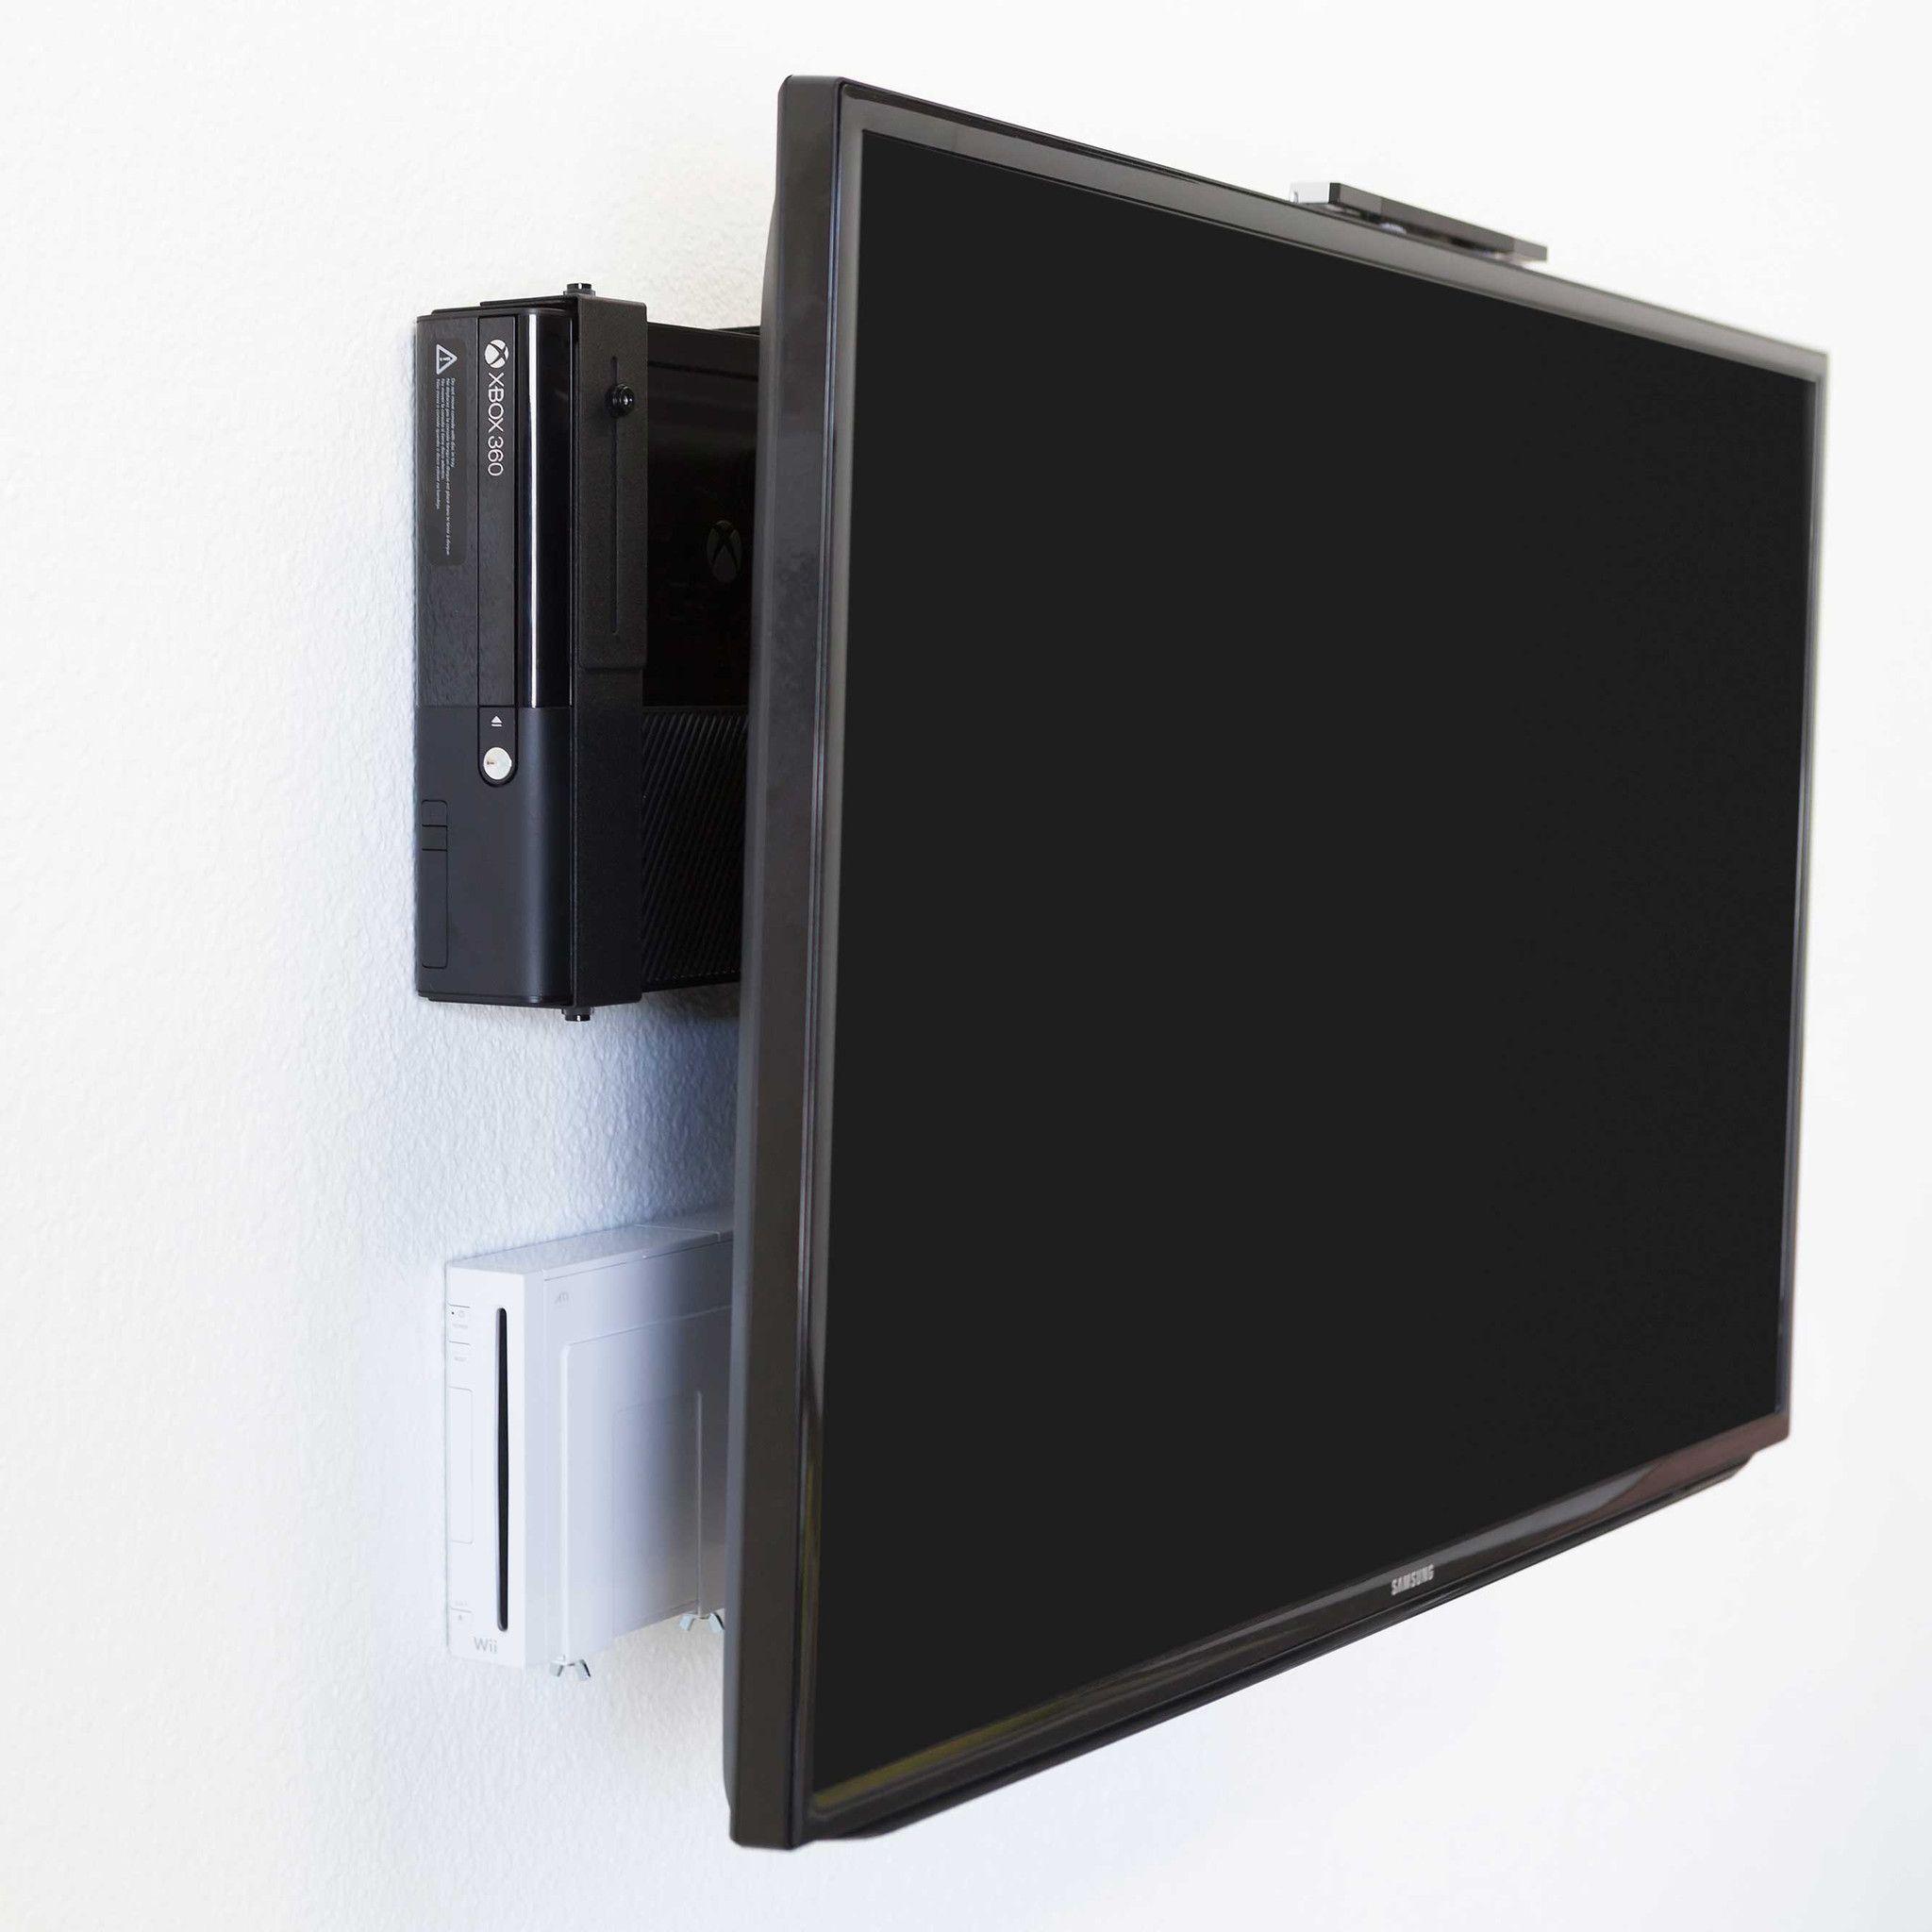 Wii Wall Mount Storage Bracket Nintendo Wii U Black White Zocker Zimmer Wohnung Zimmer